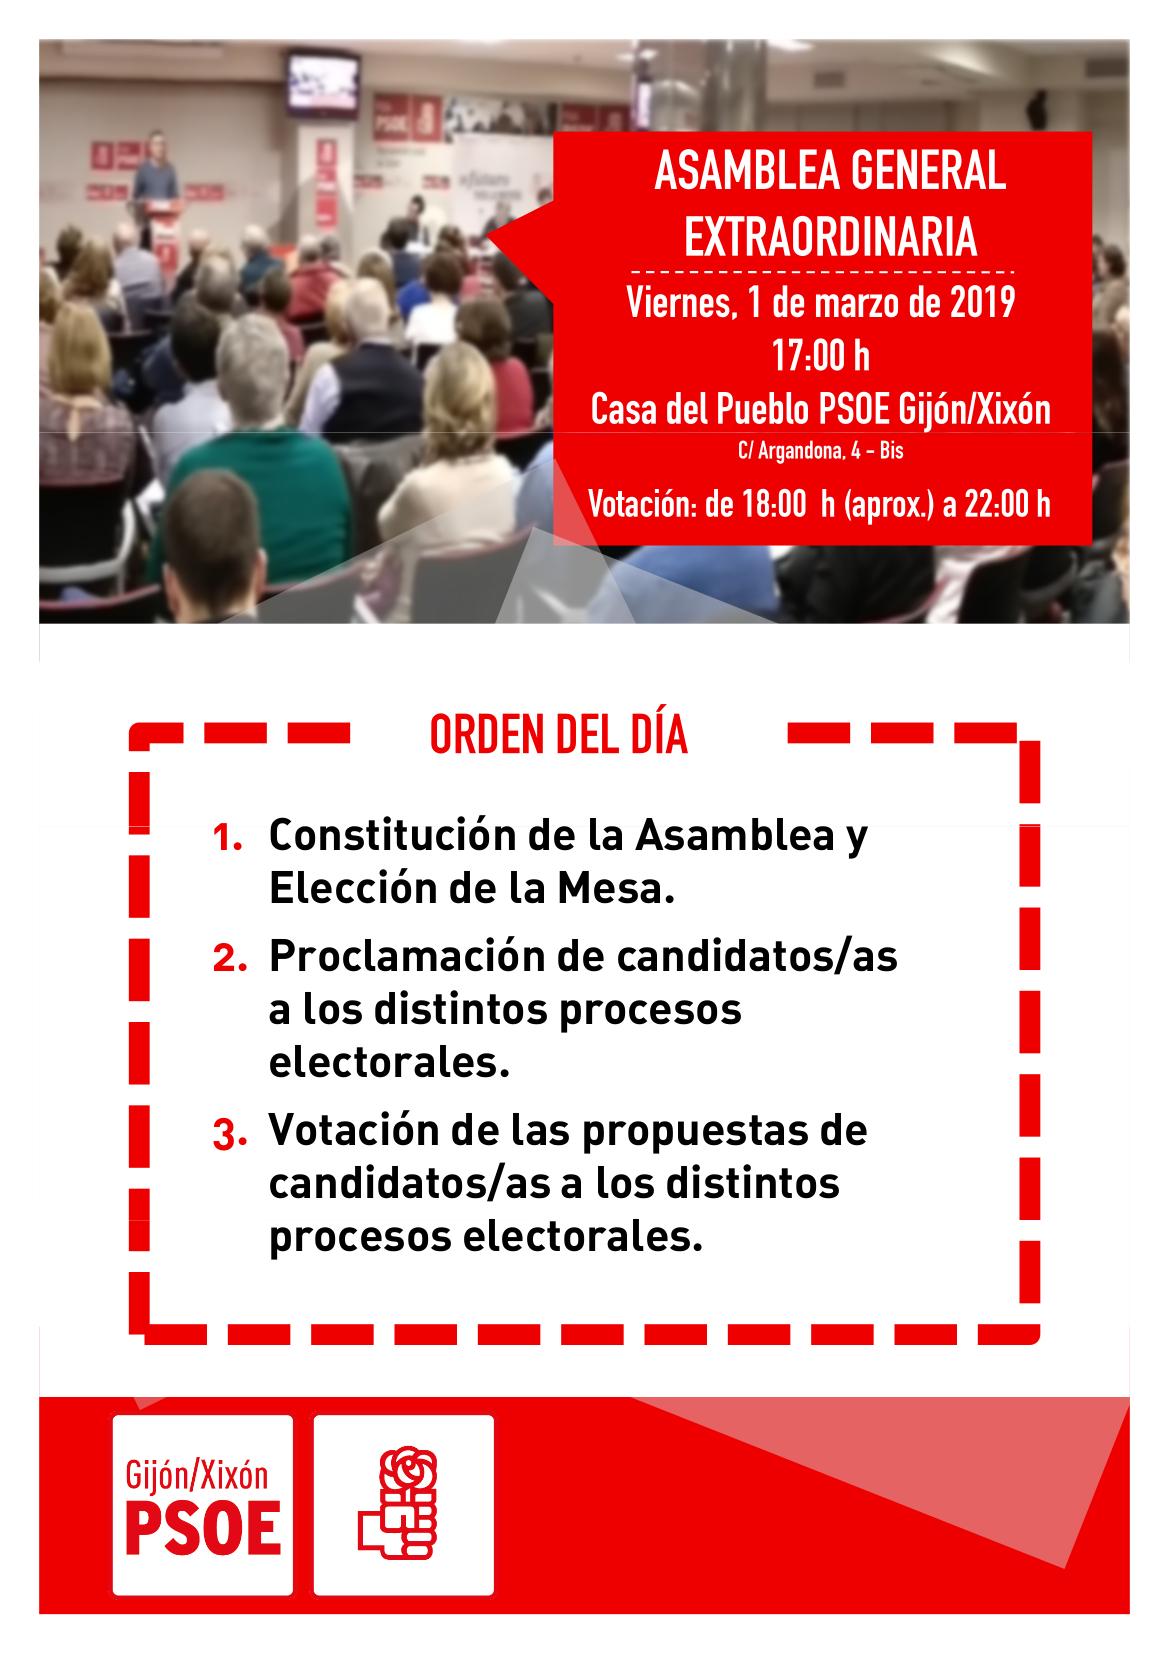 190301_Asamblea_Extraordinaria